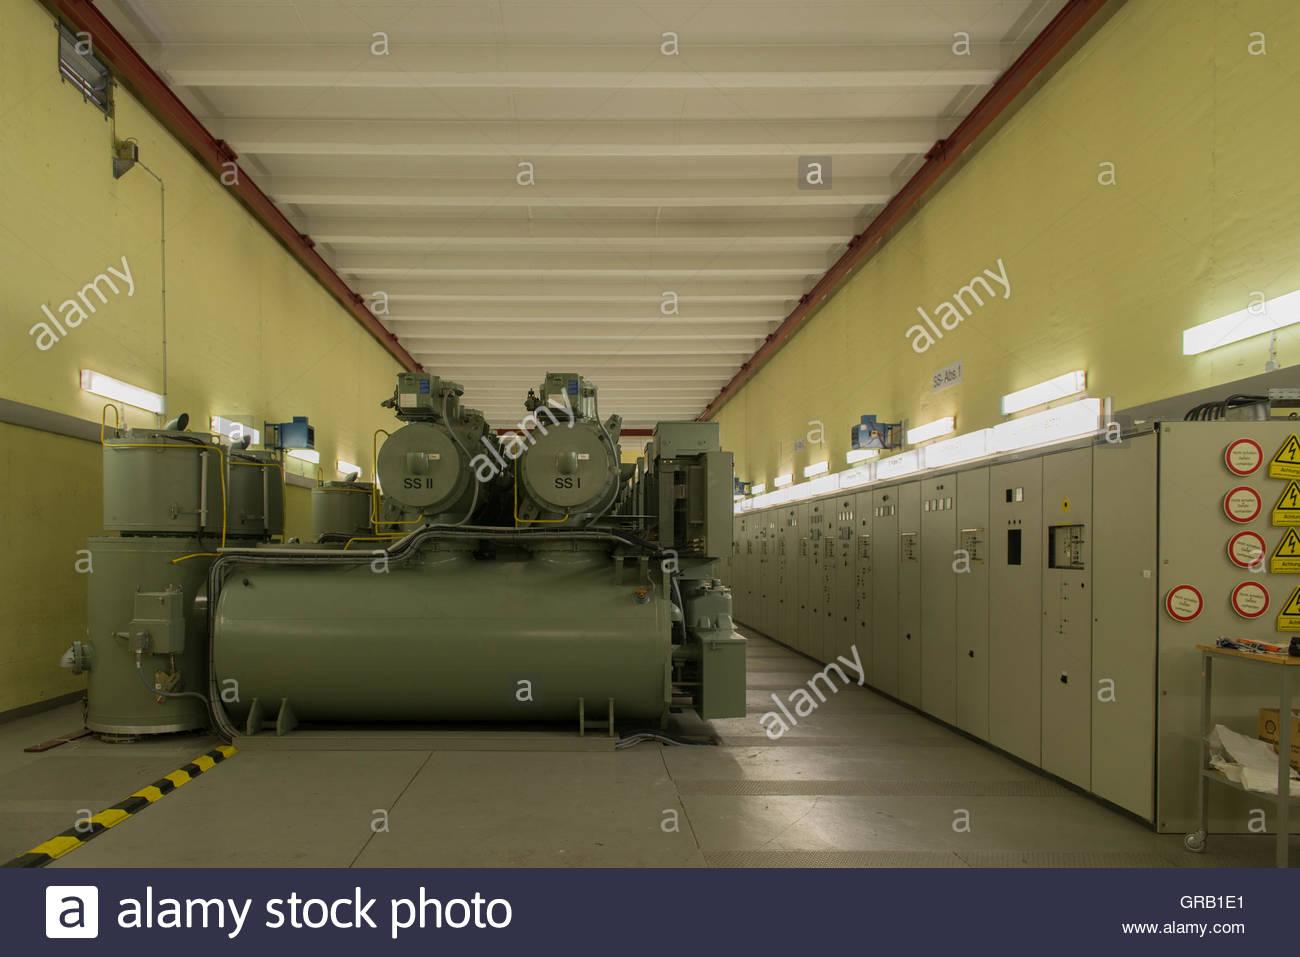 Gasisolierte starke Stromleitungen In einem Umspannwerk Stockbild